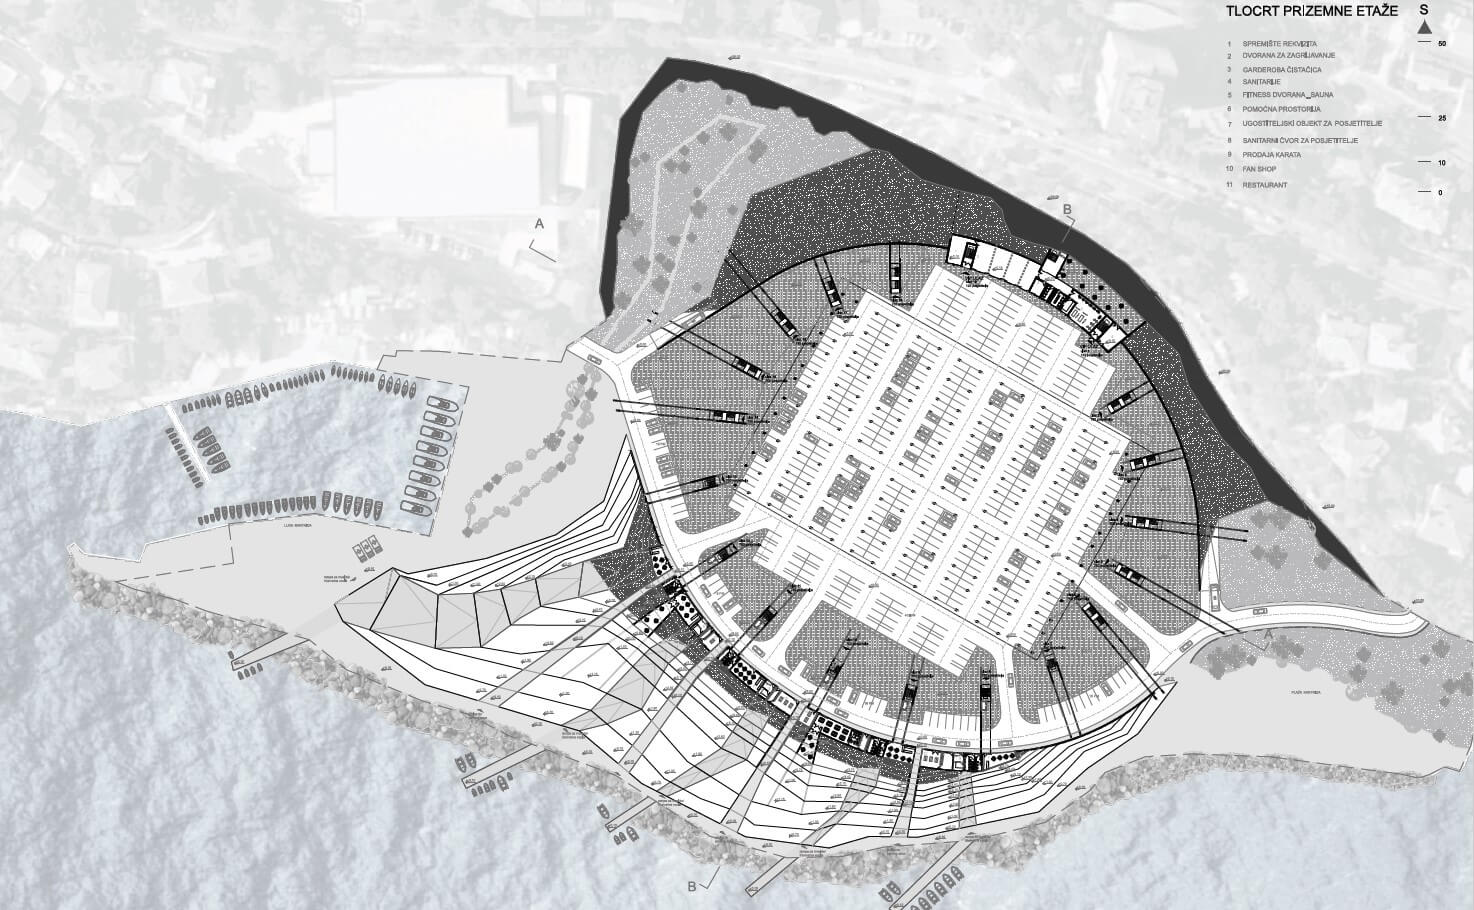 Tlocrt-arhiteklura-prizemlje